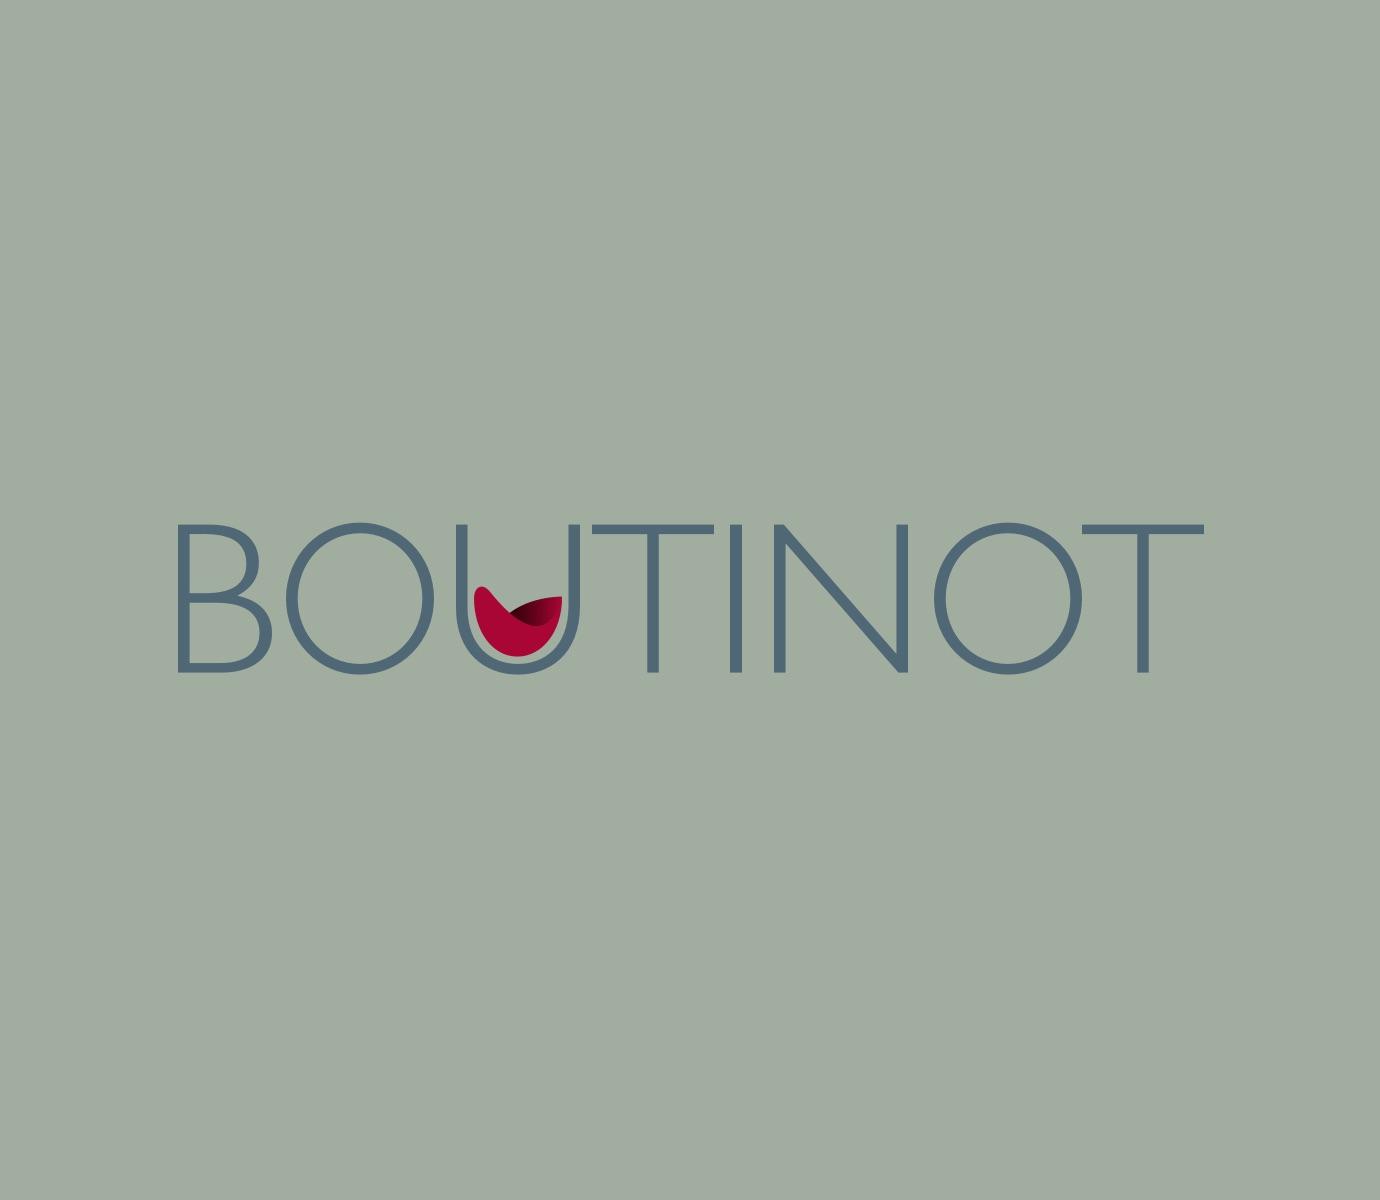 Boutinot logo